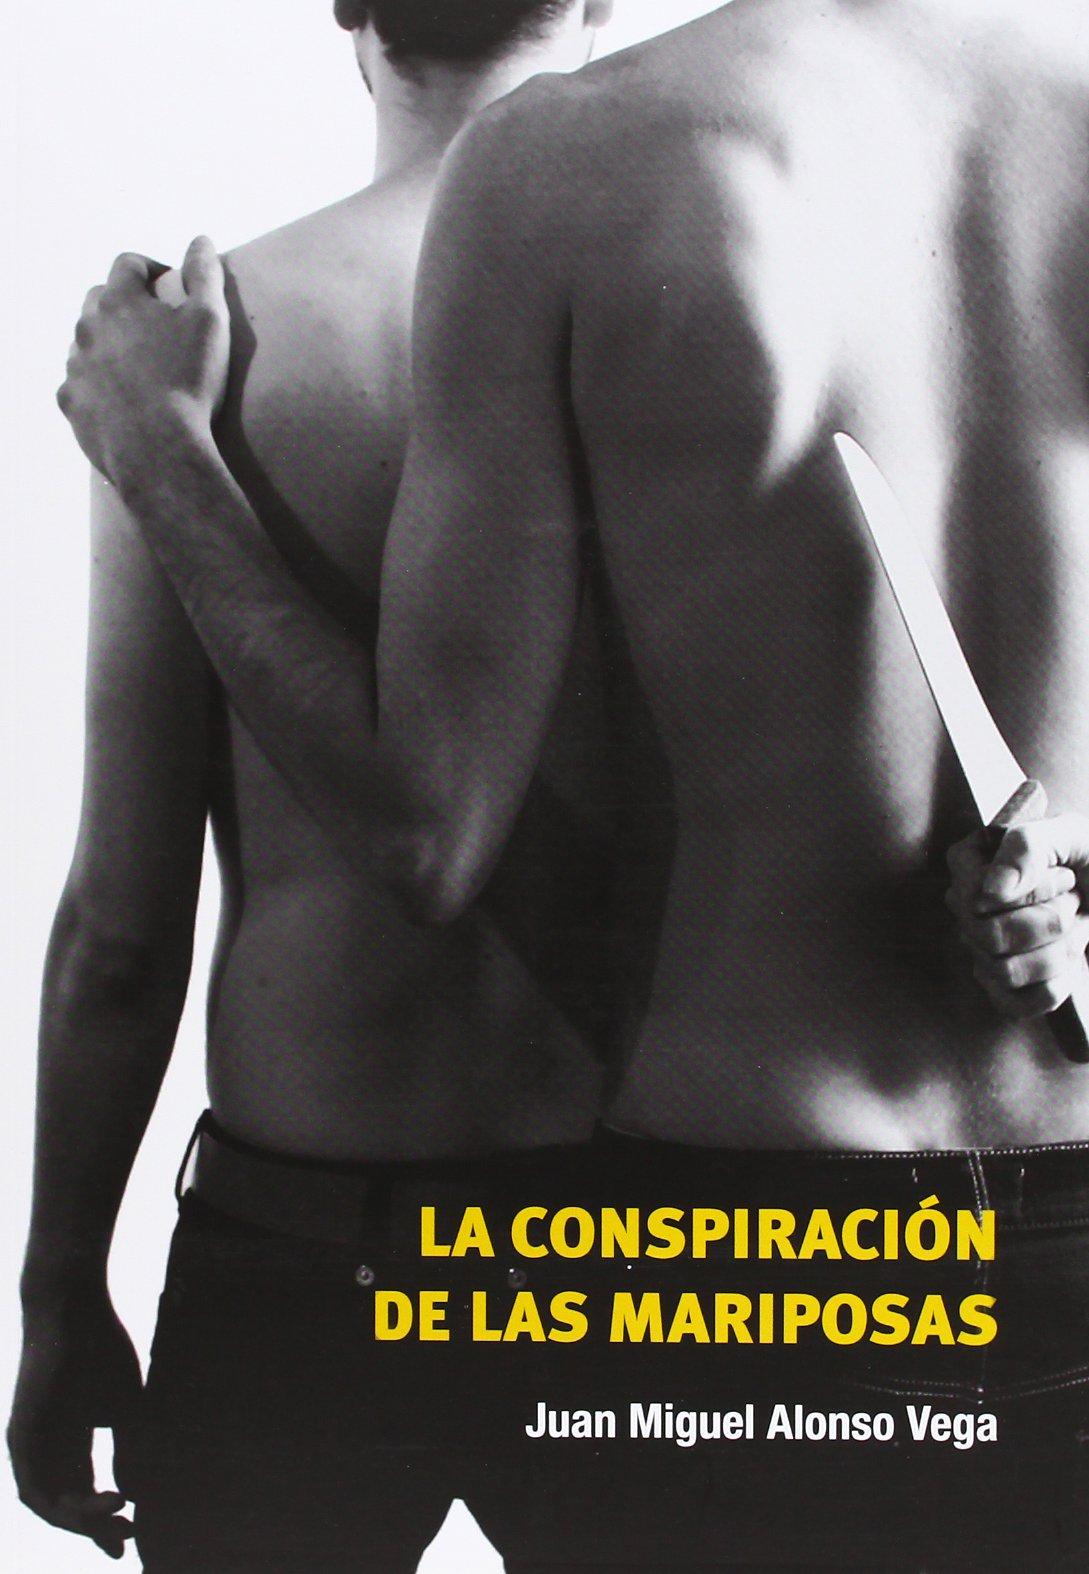 Diccionario de Mam-Español, Comitancillo, San Marcos, Guatemala